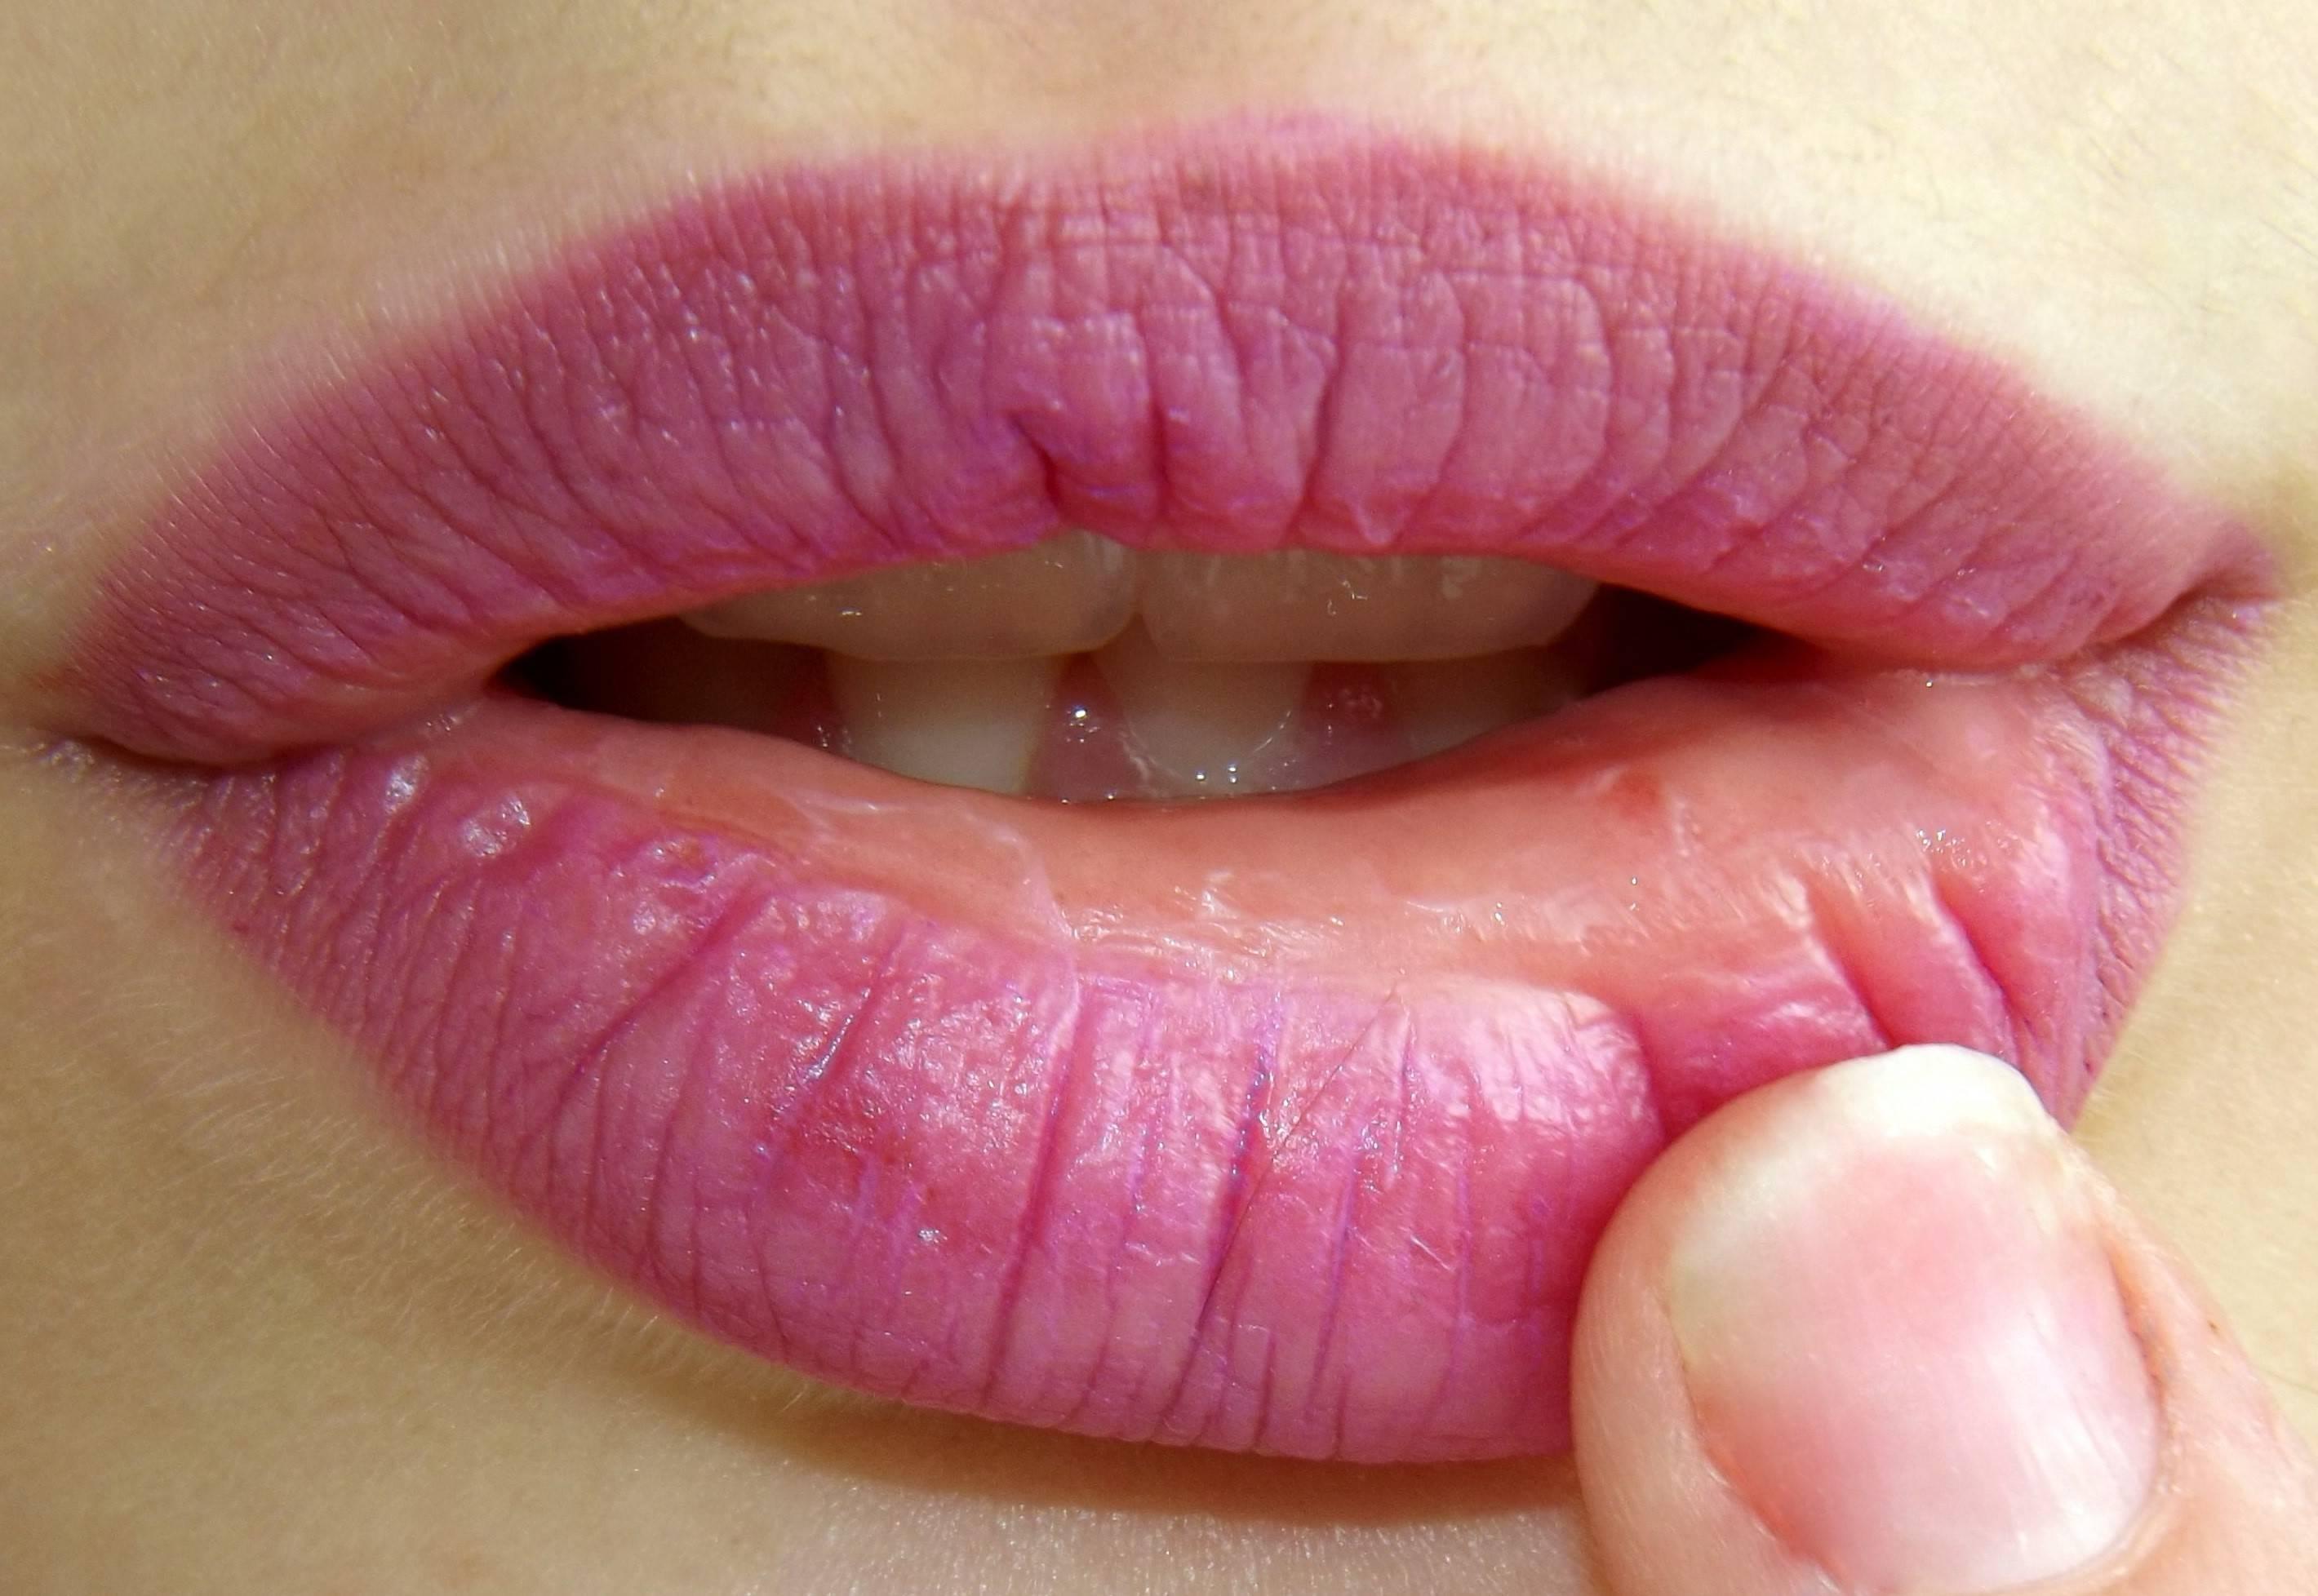 Причины возникновения герпеса на губах, чем опасен